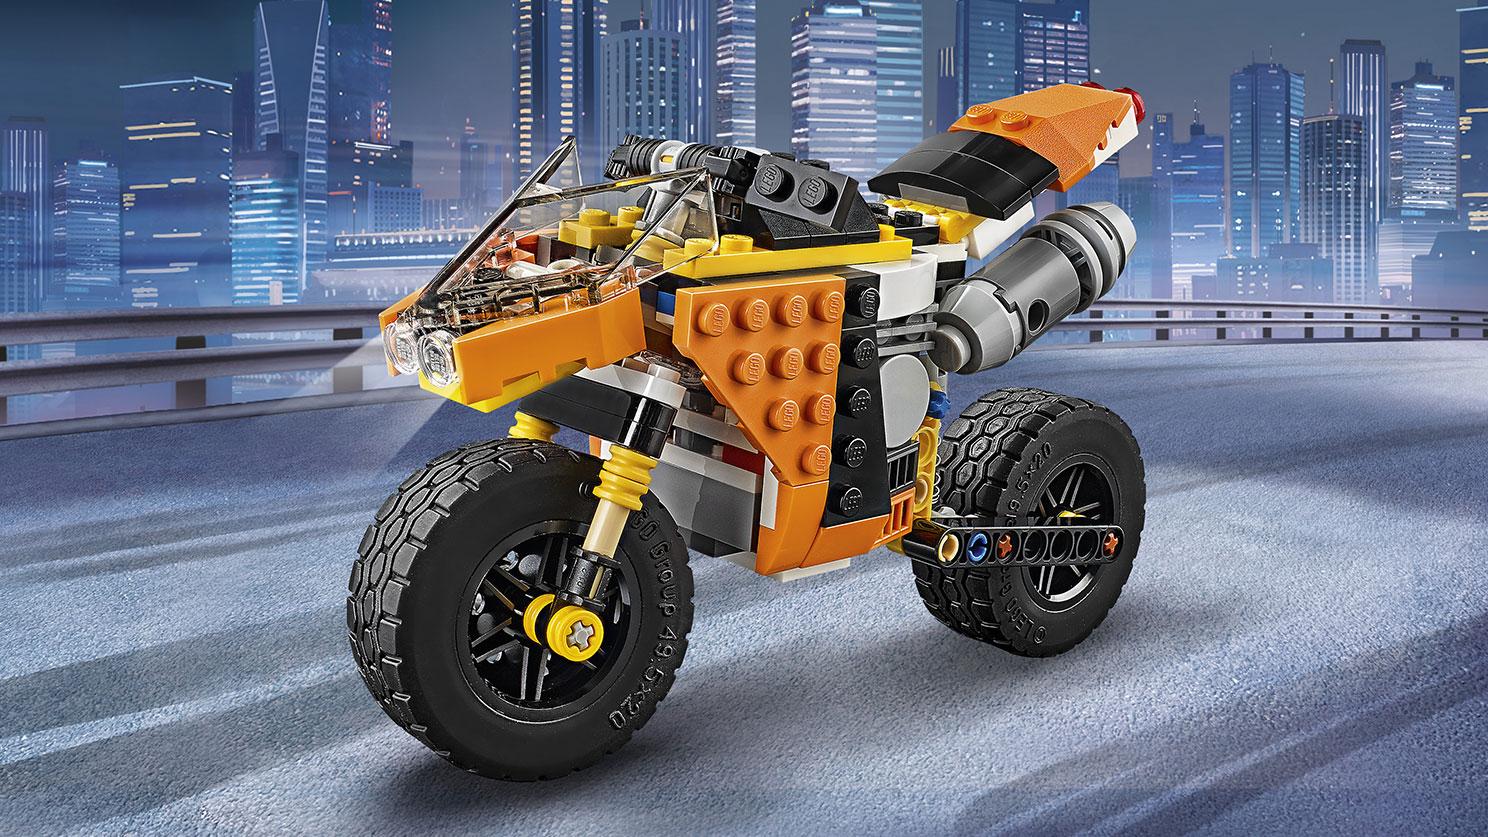 31059 La moto orange